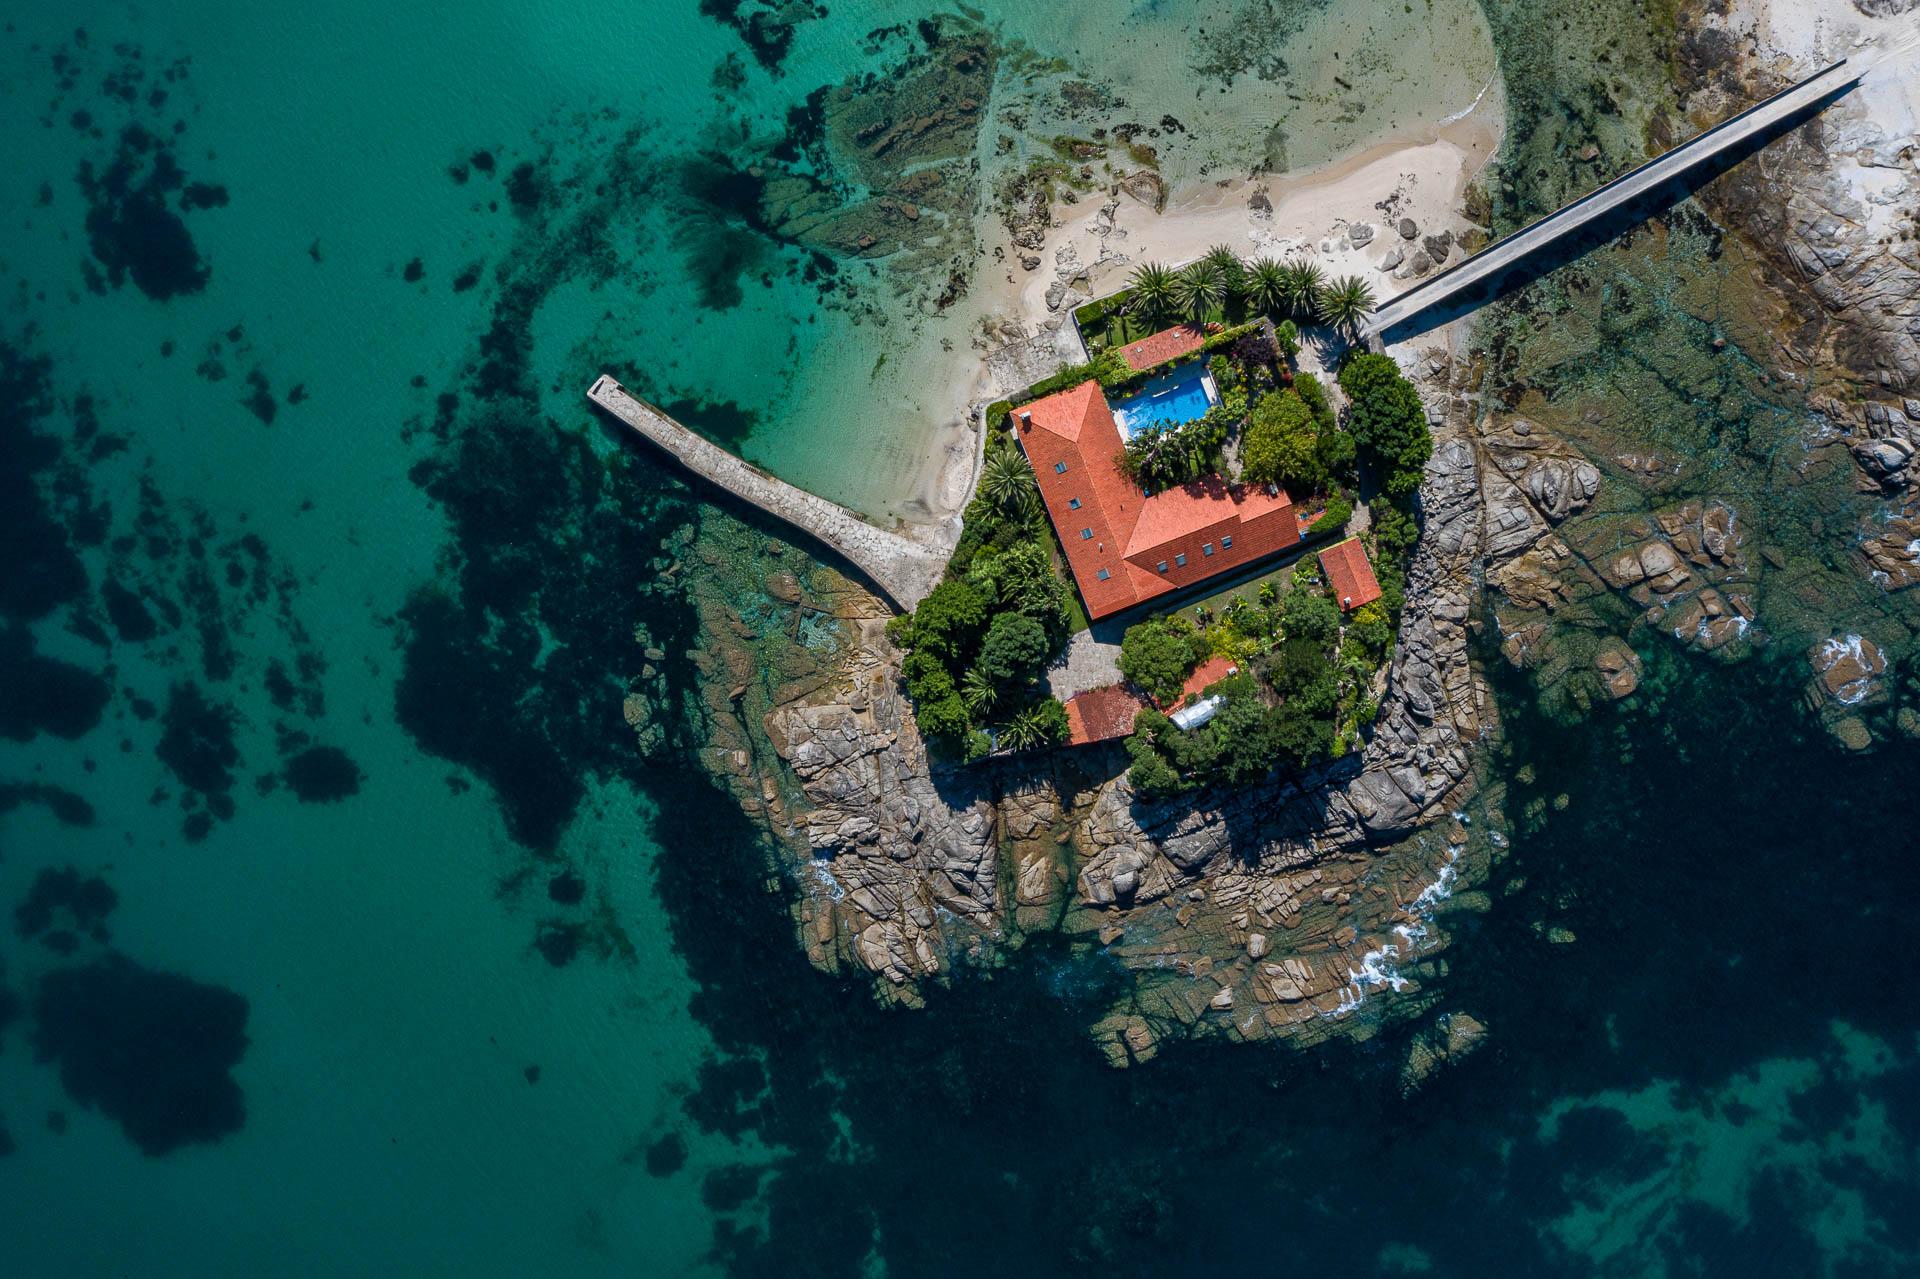 Buena casa para vivir - Desde el aire 2 - Roberto Bueno - Fotografía de Naturaleza - Luces del Planeta - Desde el aire